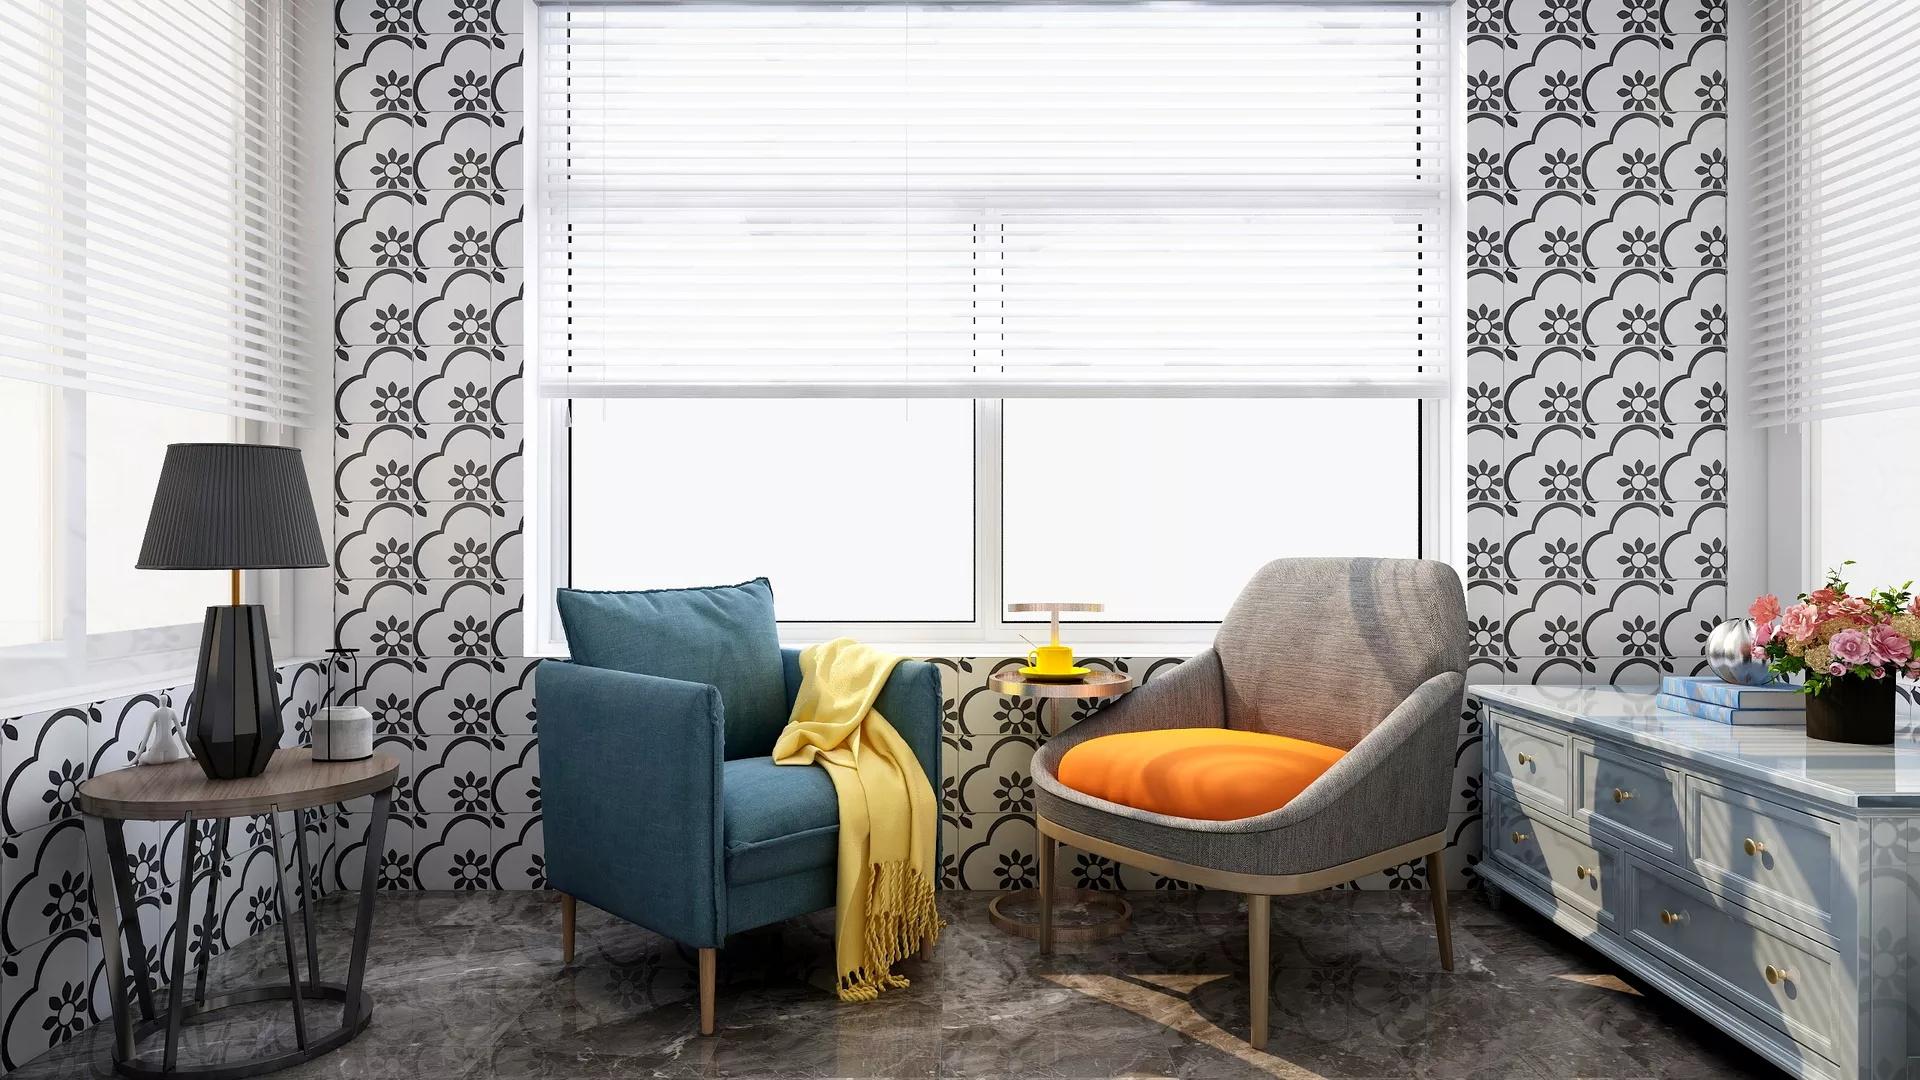 日式风格简约小清新卧室装修效果图